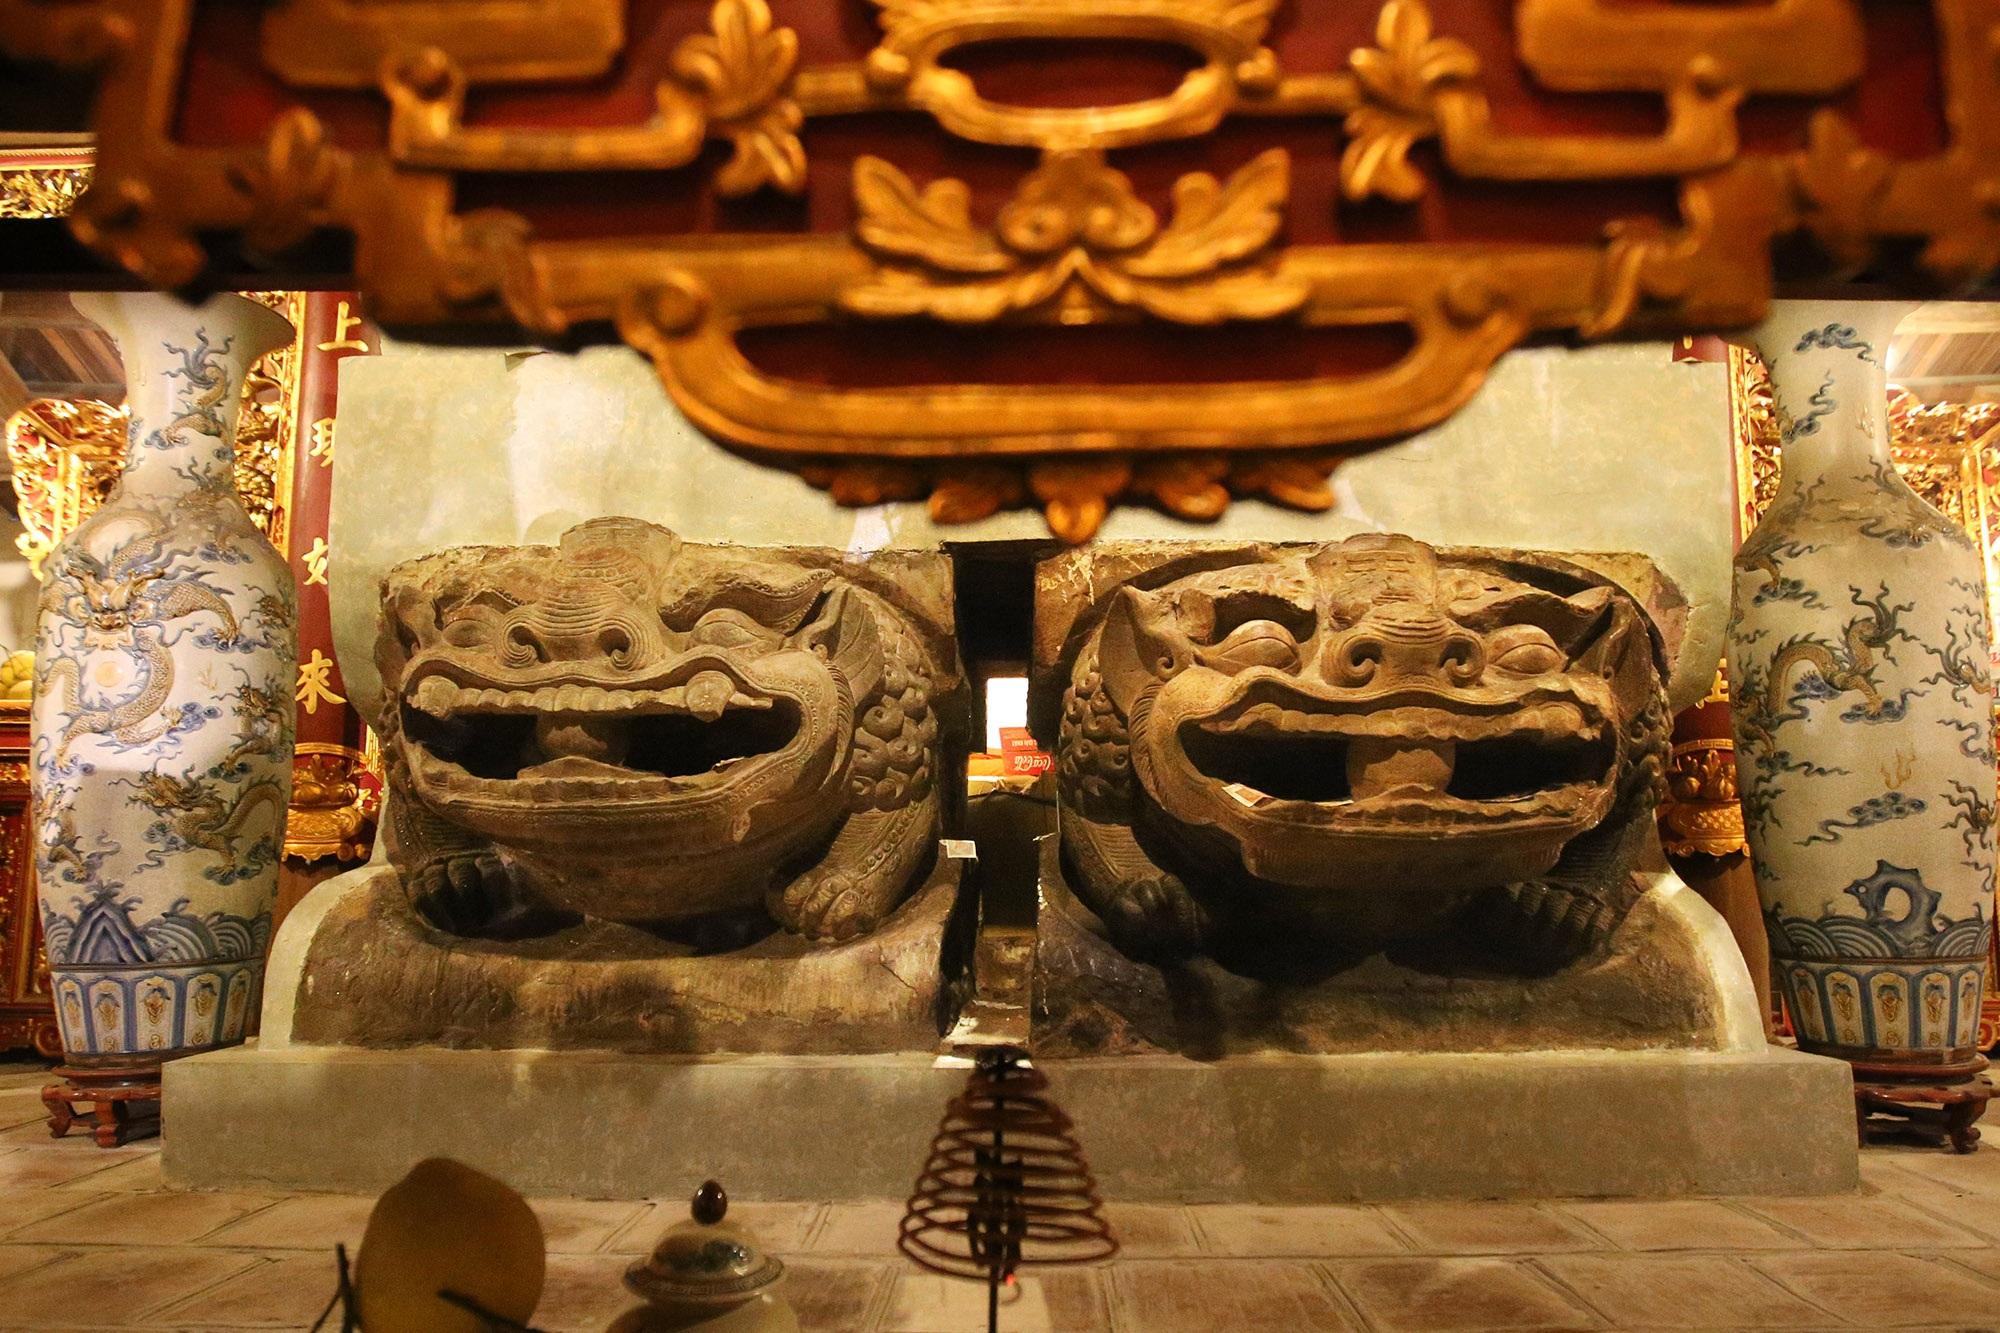 Bảo vật quốc gia: Tượng đôi sư tử đá và Khám thờ gỗ sơn son thếp vàng - 4